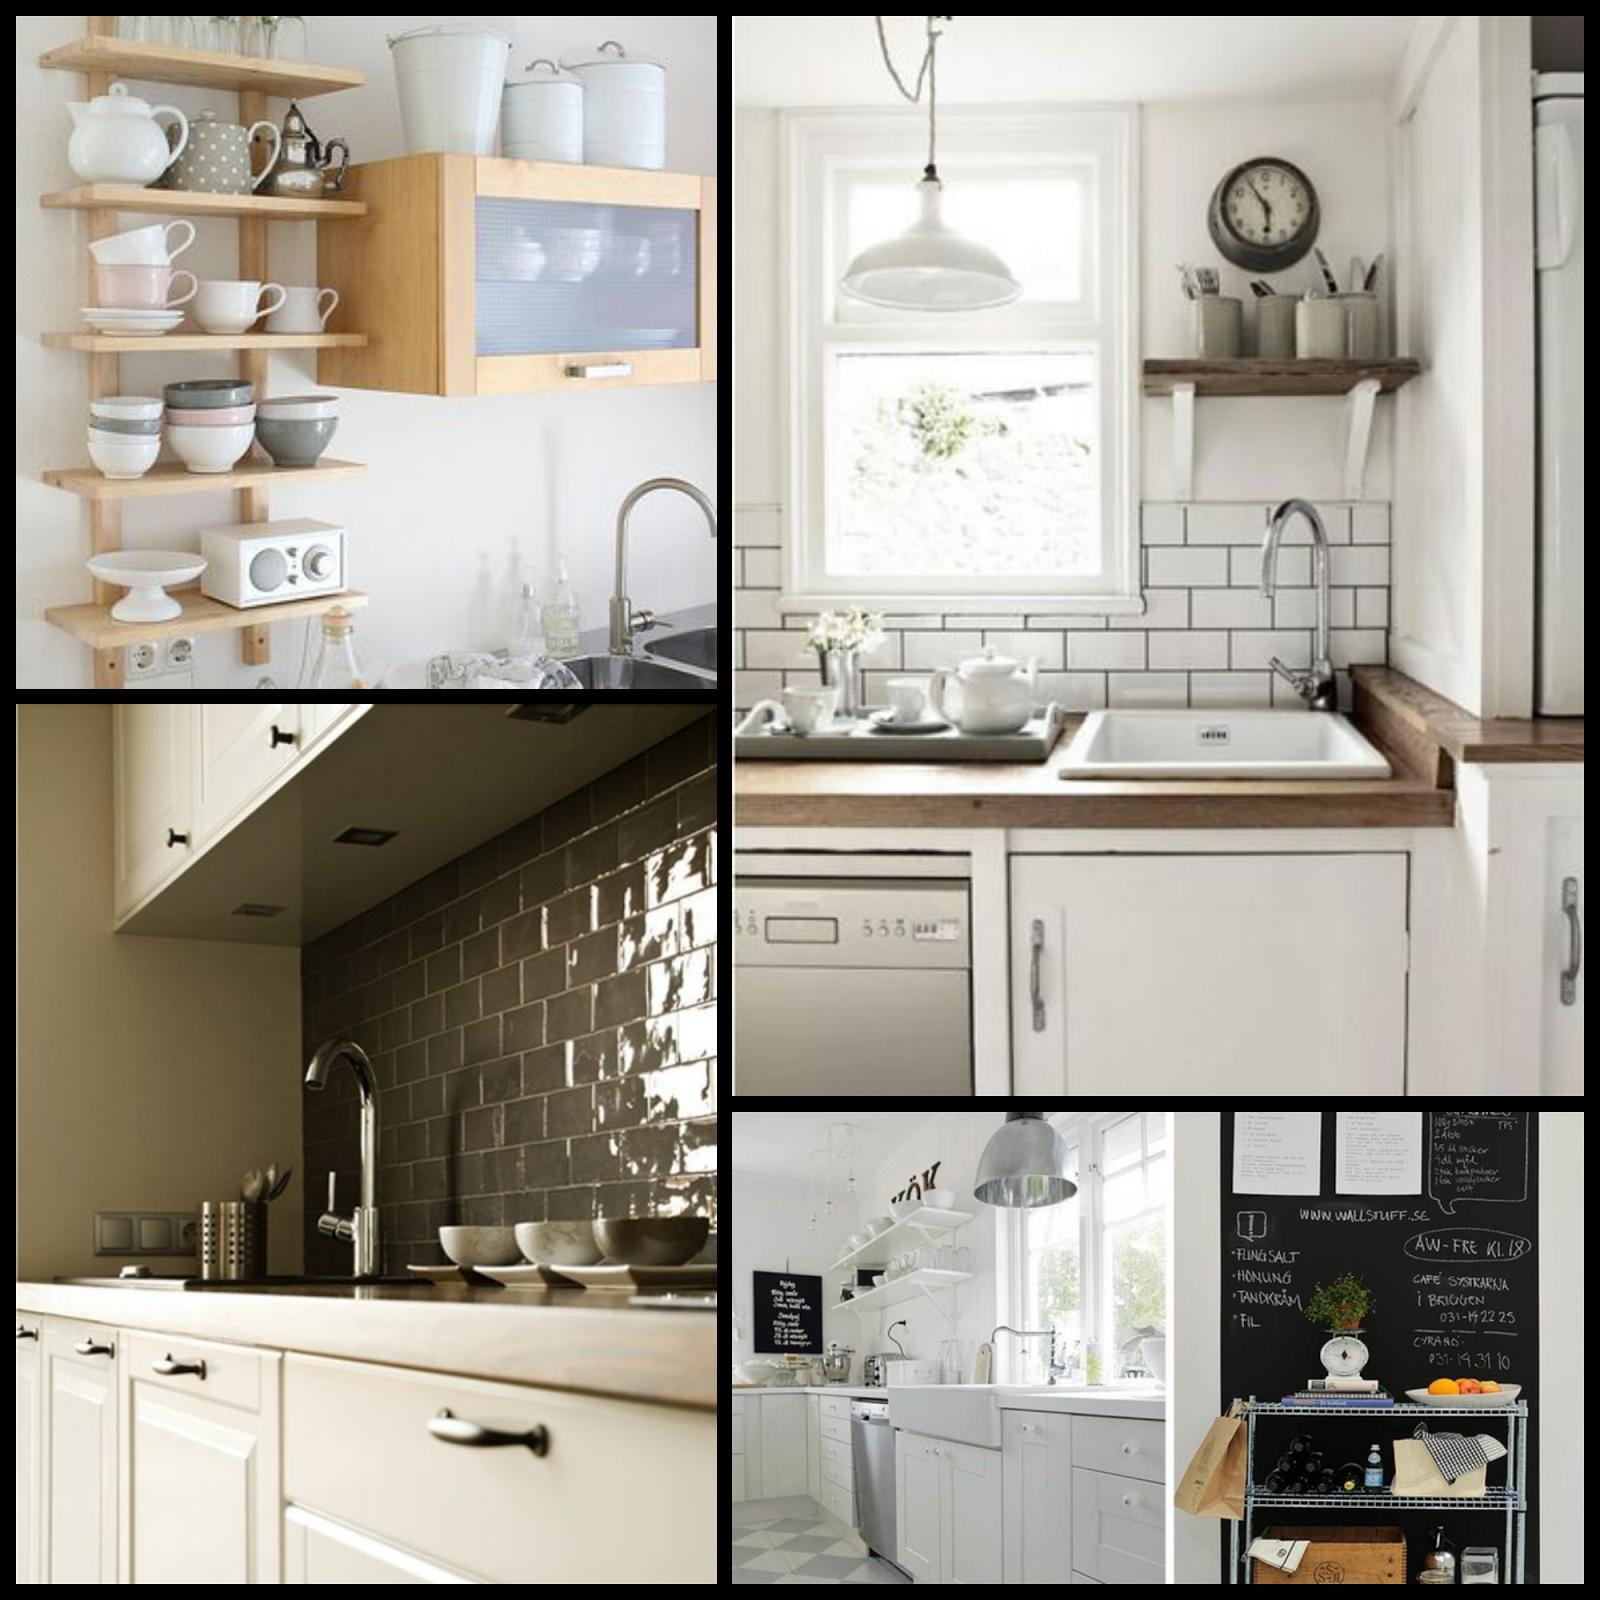 10 trucos para reformar tu cocina sin obras trucos cocinas y hogar - Renovar cocinas sin obras ...